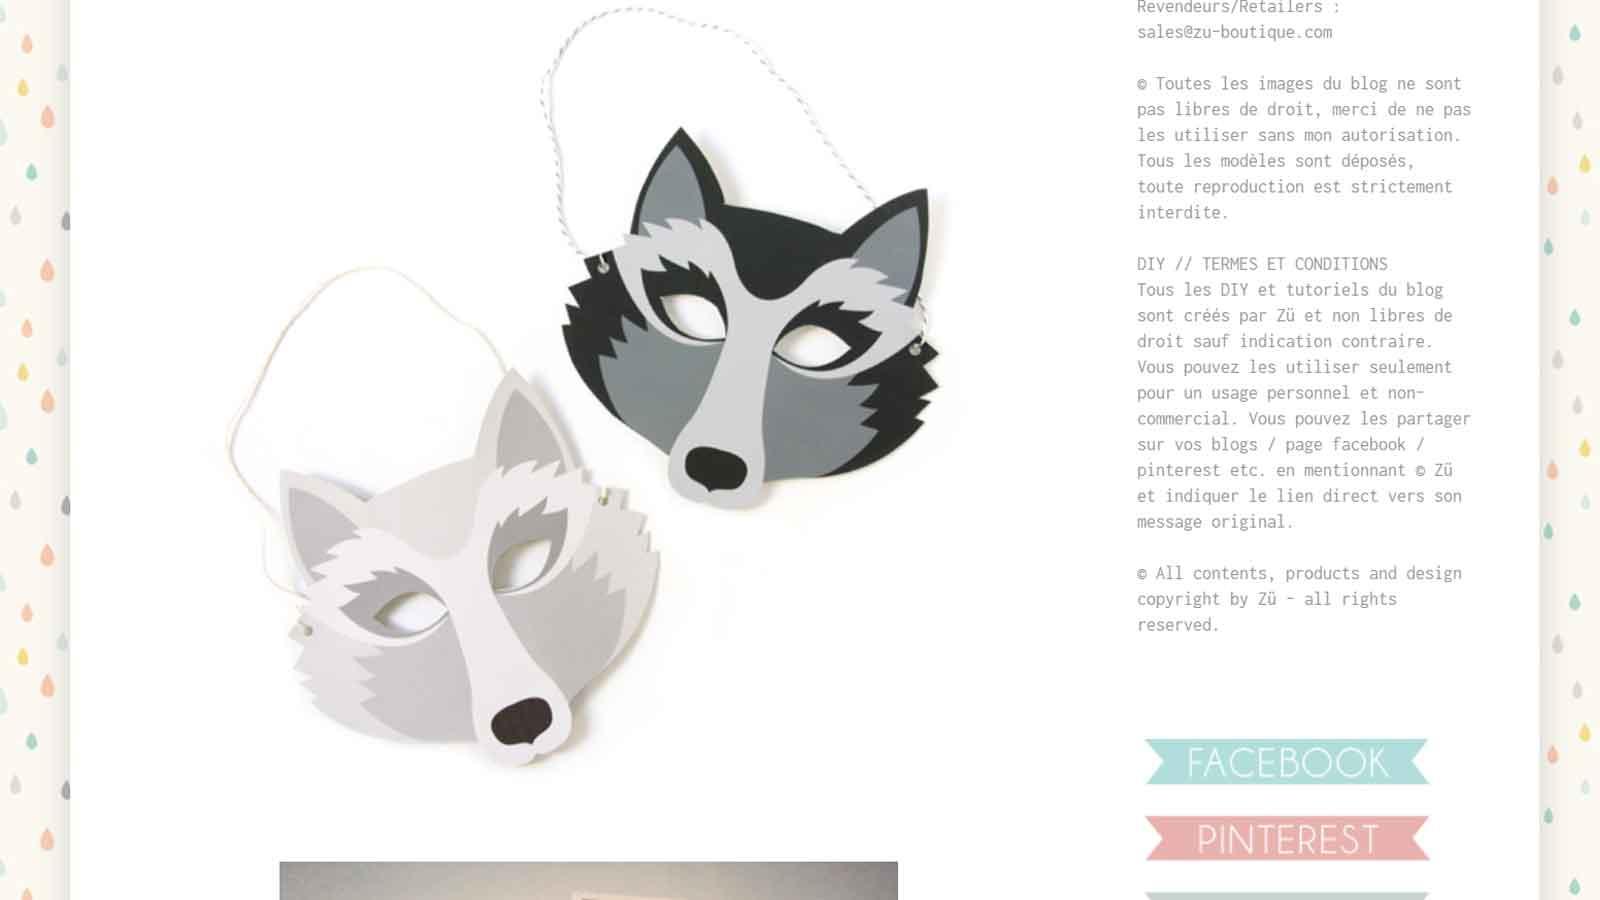 Diy : 19 Masques Gratuits À Imprimer Et Découper Soi-Même tout Masque Carnaval Maternelle À Imprimer